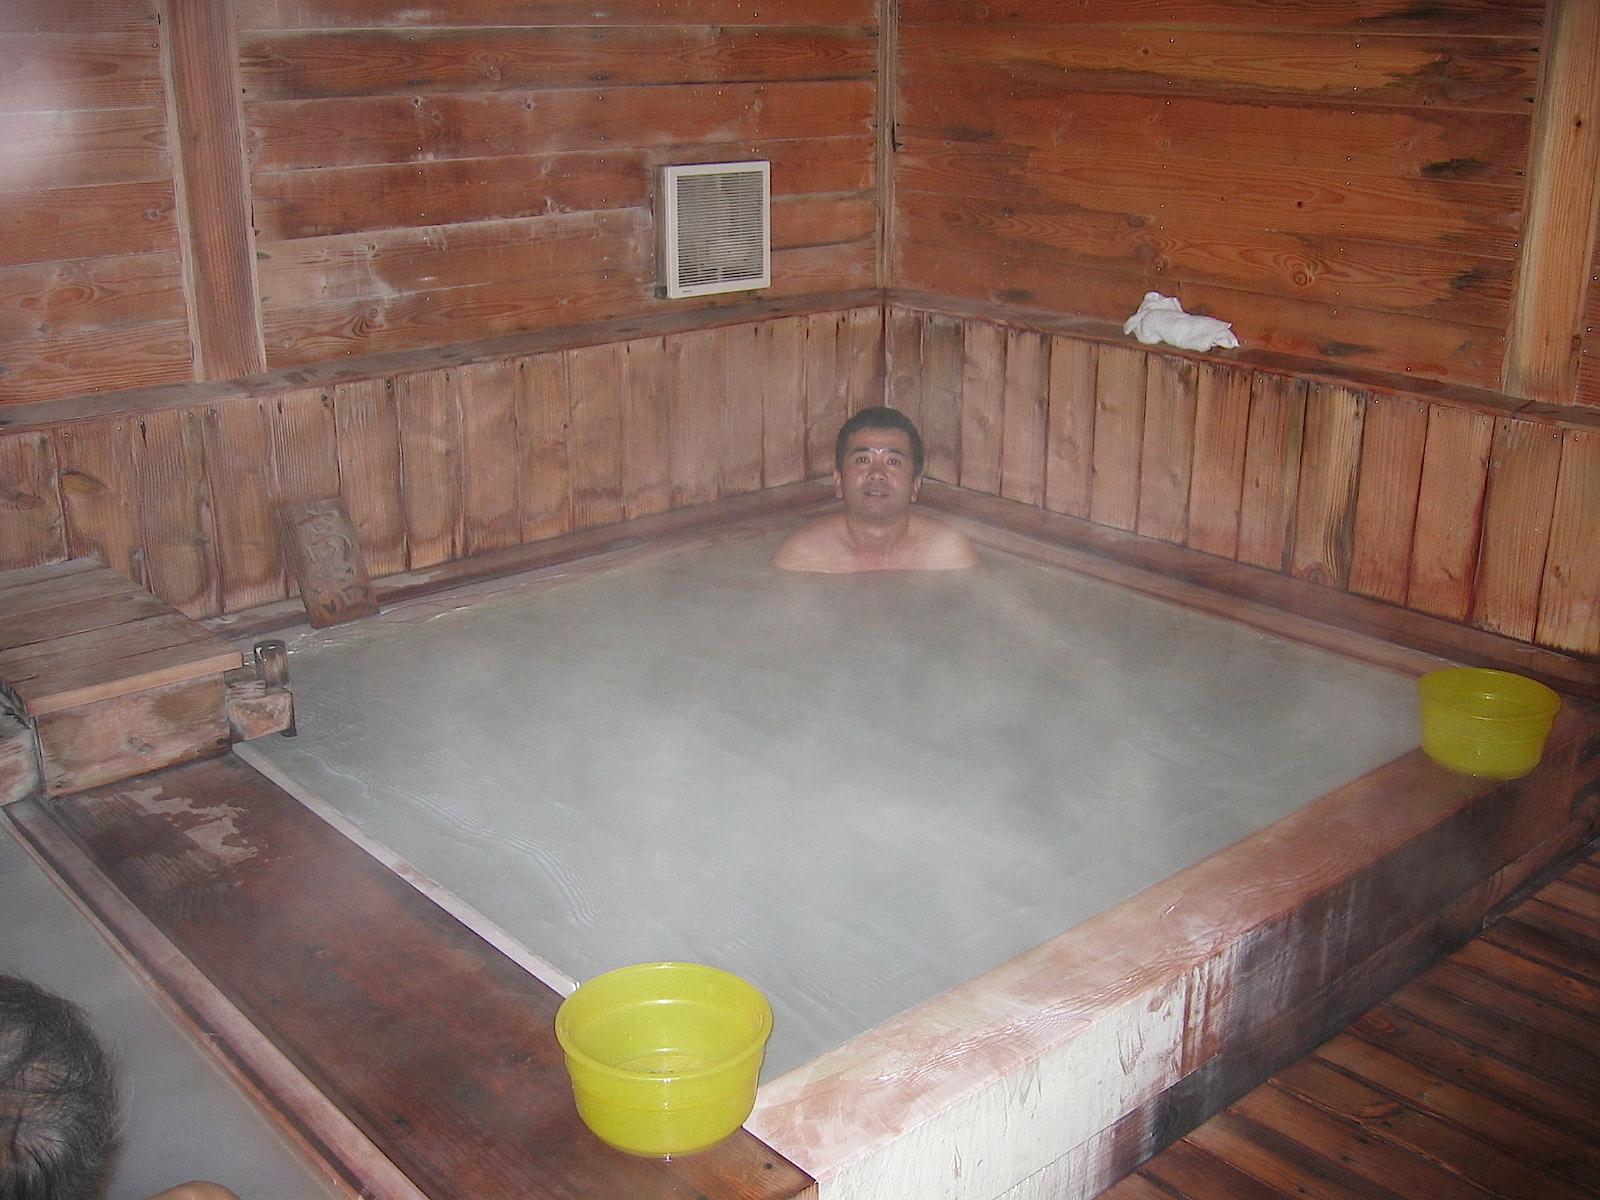 温泉に入っている杉浦さんの写真